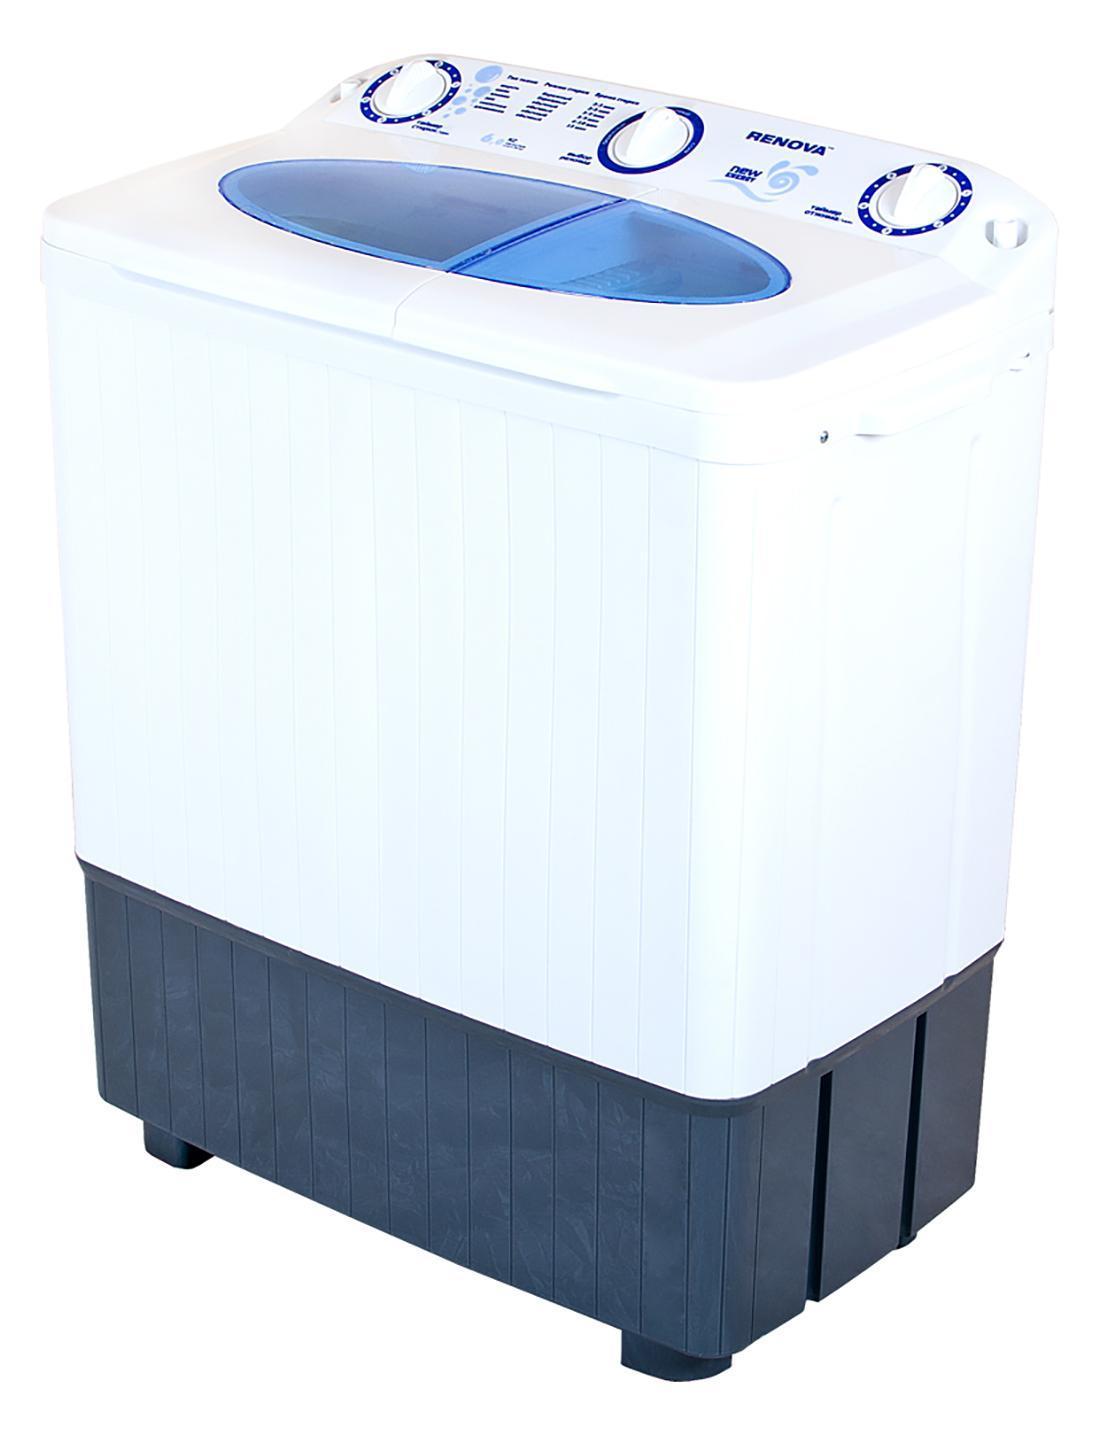 Renova WS-60PET стиральная машина4650000914560Новая серия New Energy Новый, более мощный двигатель, повышающий эффективность стирки Эксклюзивная форма активатора, направленно распределяет потоки воды, улучшая качество стирки Два бака (стирка, отжим) Загрузка сухого белья в бак стирки до 6.0 кг Загрузка белья при отжиме до 4,5 кг Отжим 1350 об/мин Максимальная потребляемая мощность: 500 Вт Таймер Сливной насос Безопасная система отжима Пластиковый корпус, не подверженный коррозии Новый современный дизайн Габариты (ширина/глубина/высота): 715х405х860мм Размеры упаковки: 720х420х880мм Масса НЕТТО: 17,8кг Класс энергоэффективности А+ Сделано в России